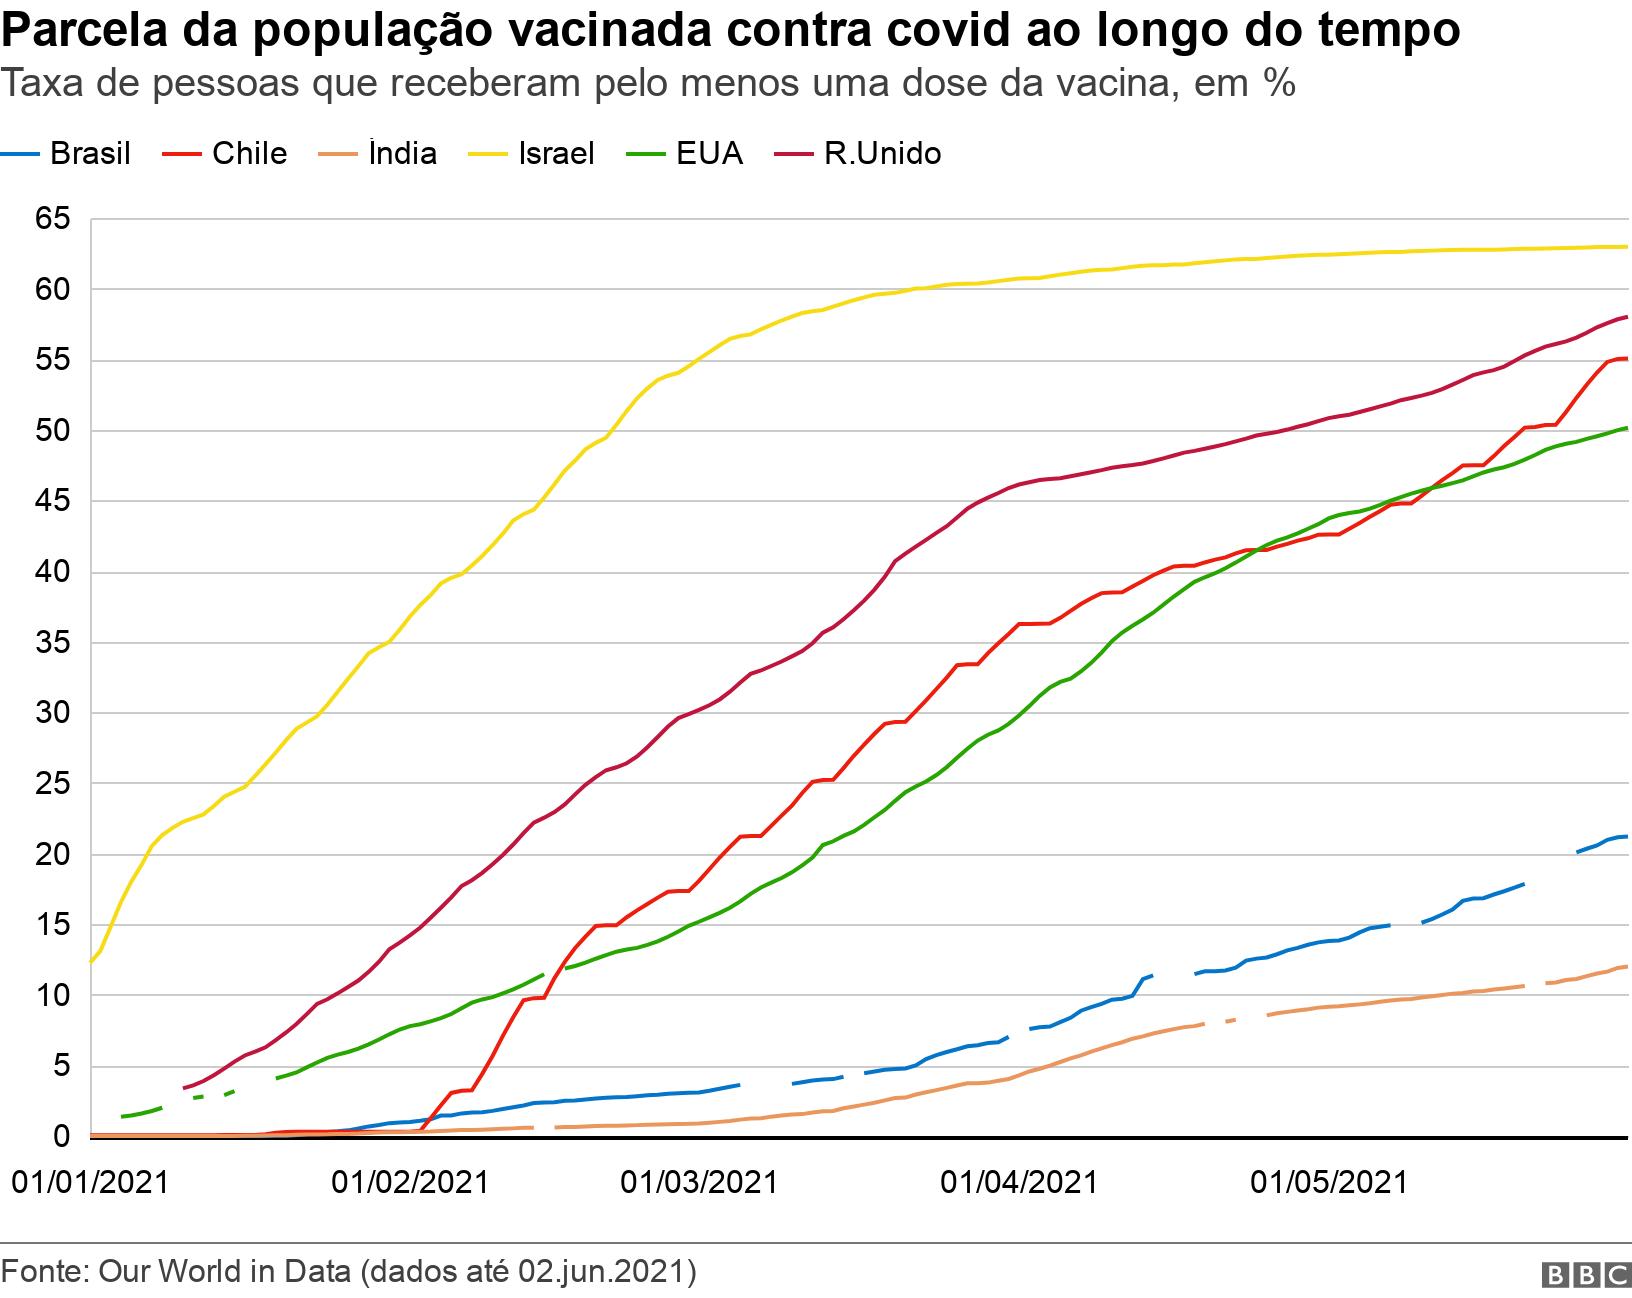 Parcela da população vacinada contra covid ao longo do tempo. Taxa de pessoas que receberam pelo menos uma dose da vacina, em %.  .